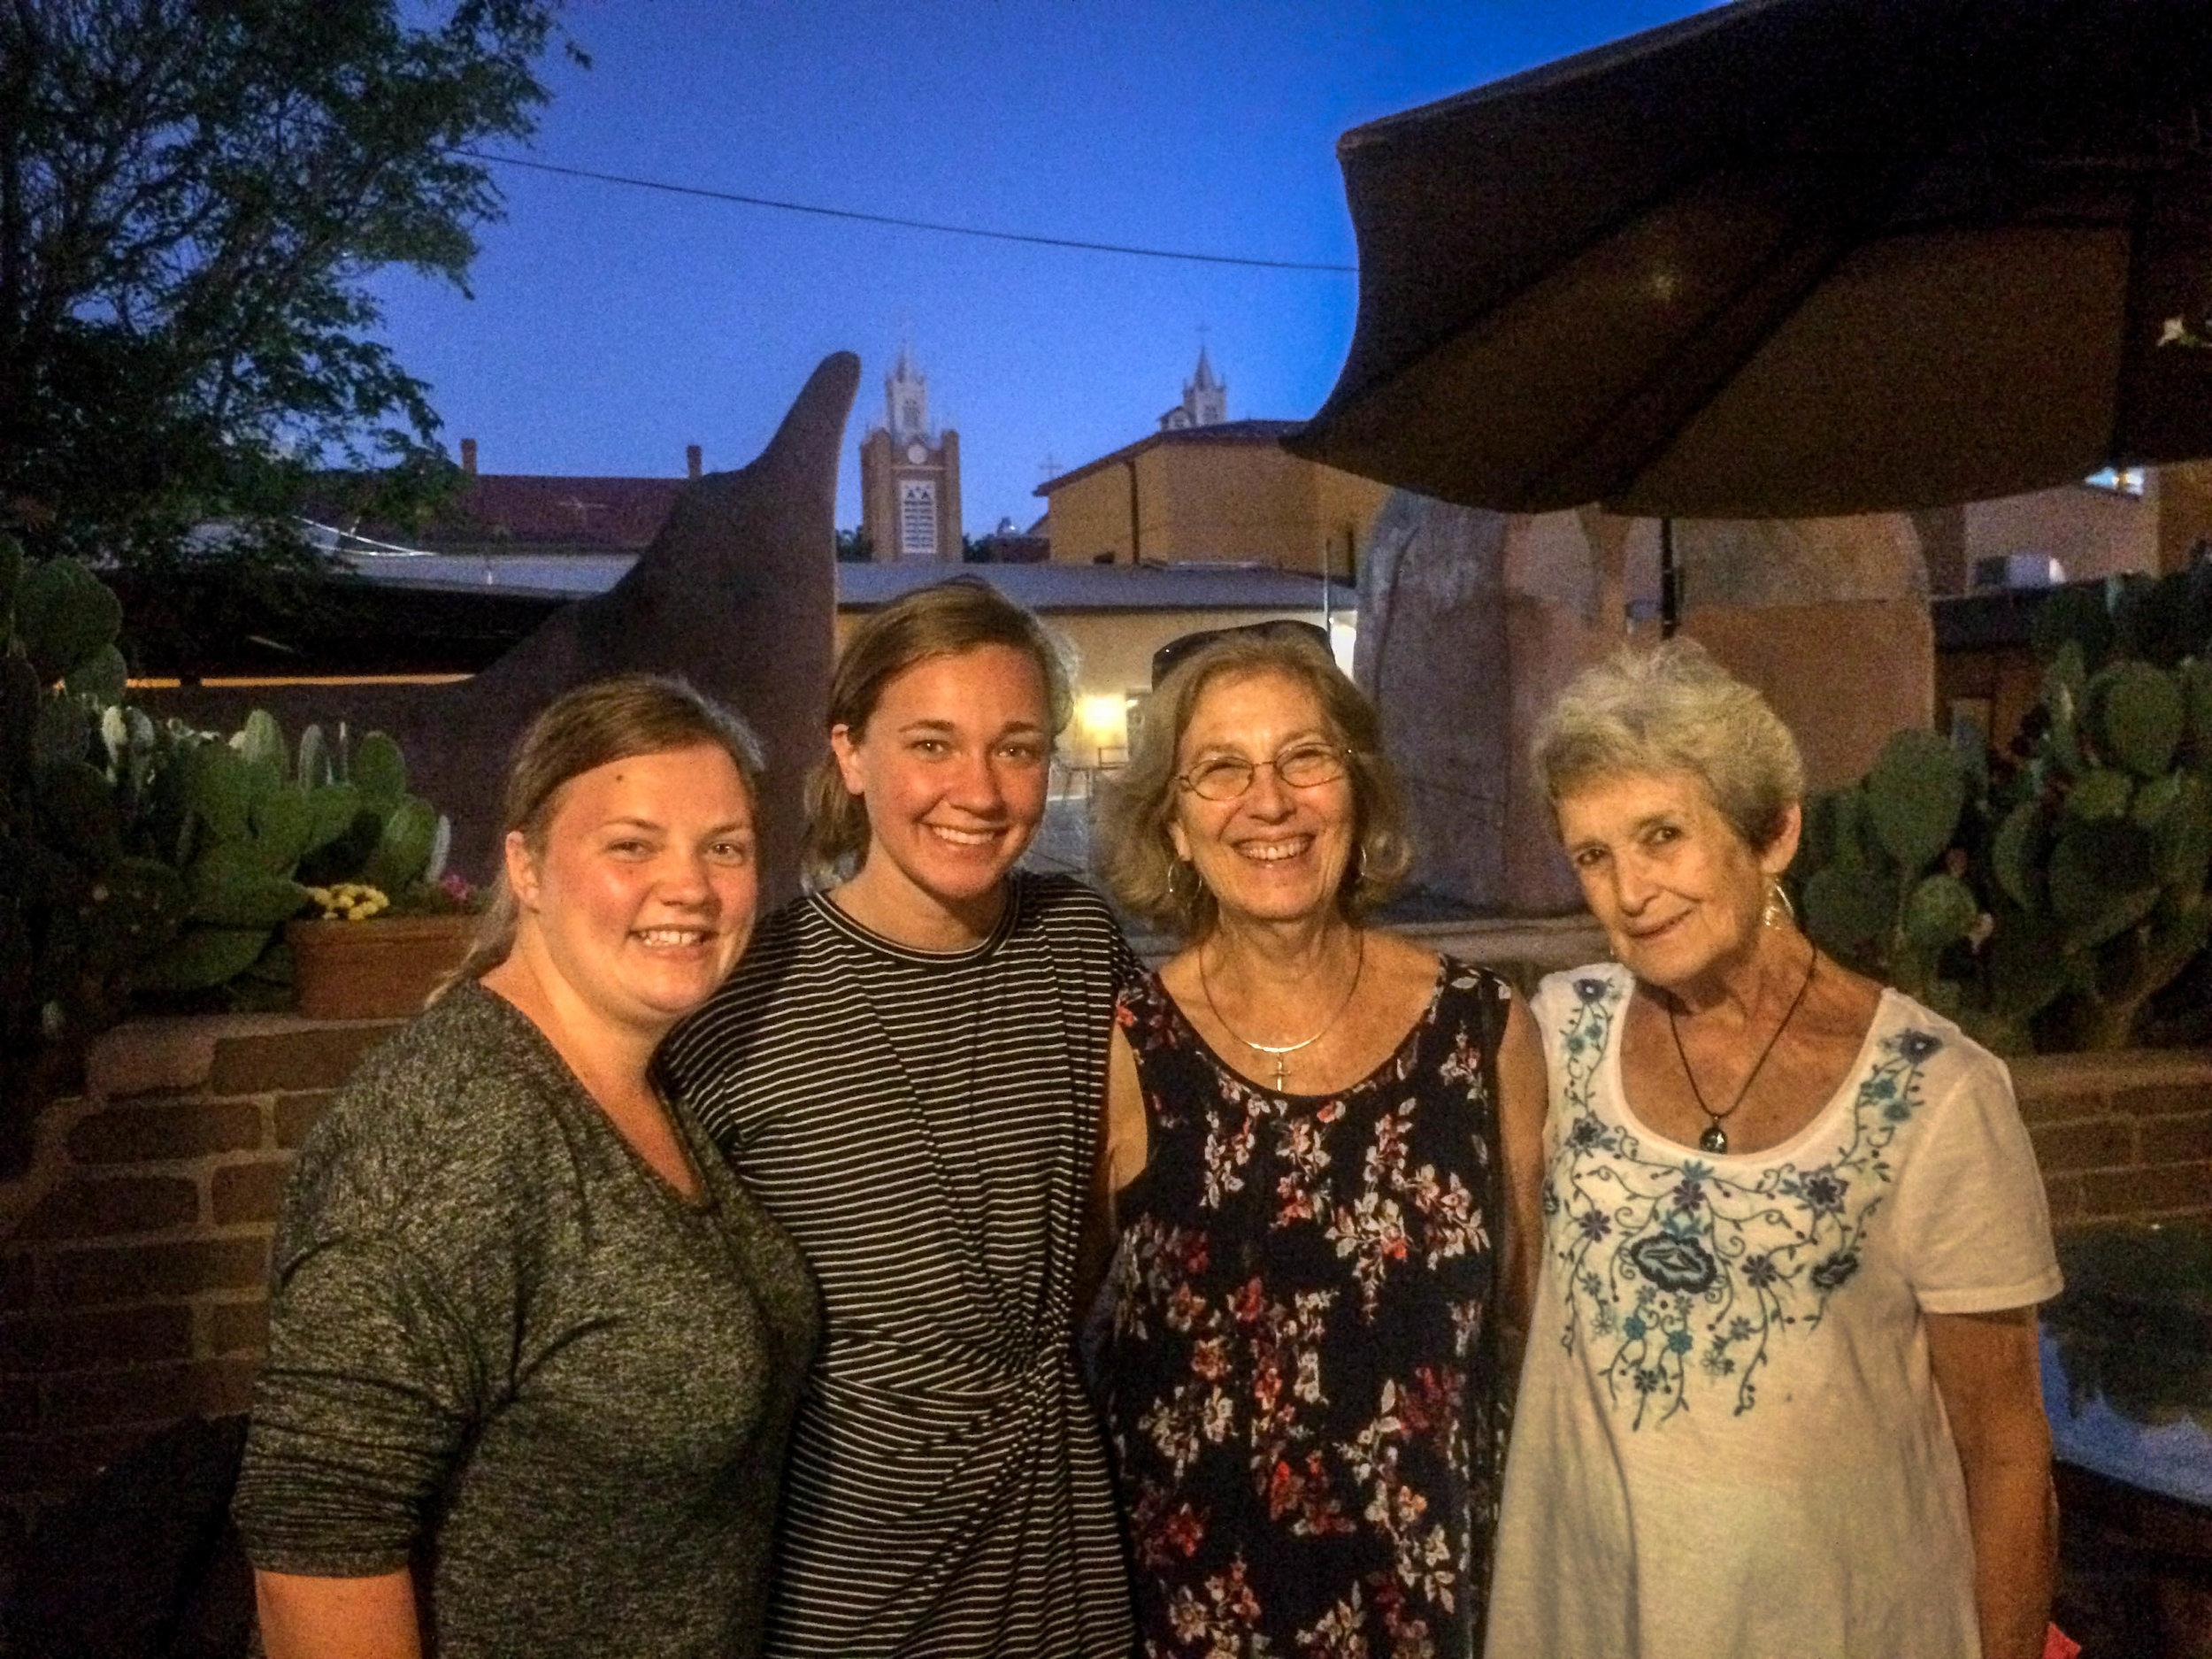 Me, Marah, Dottye, and her sister Karen.